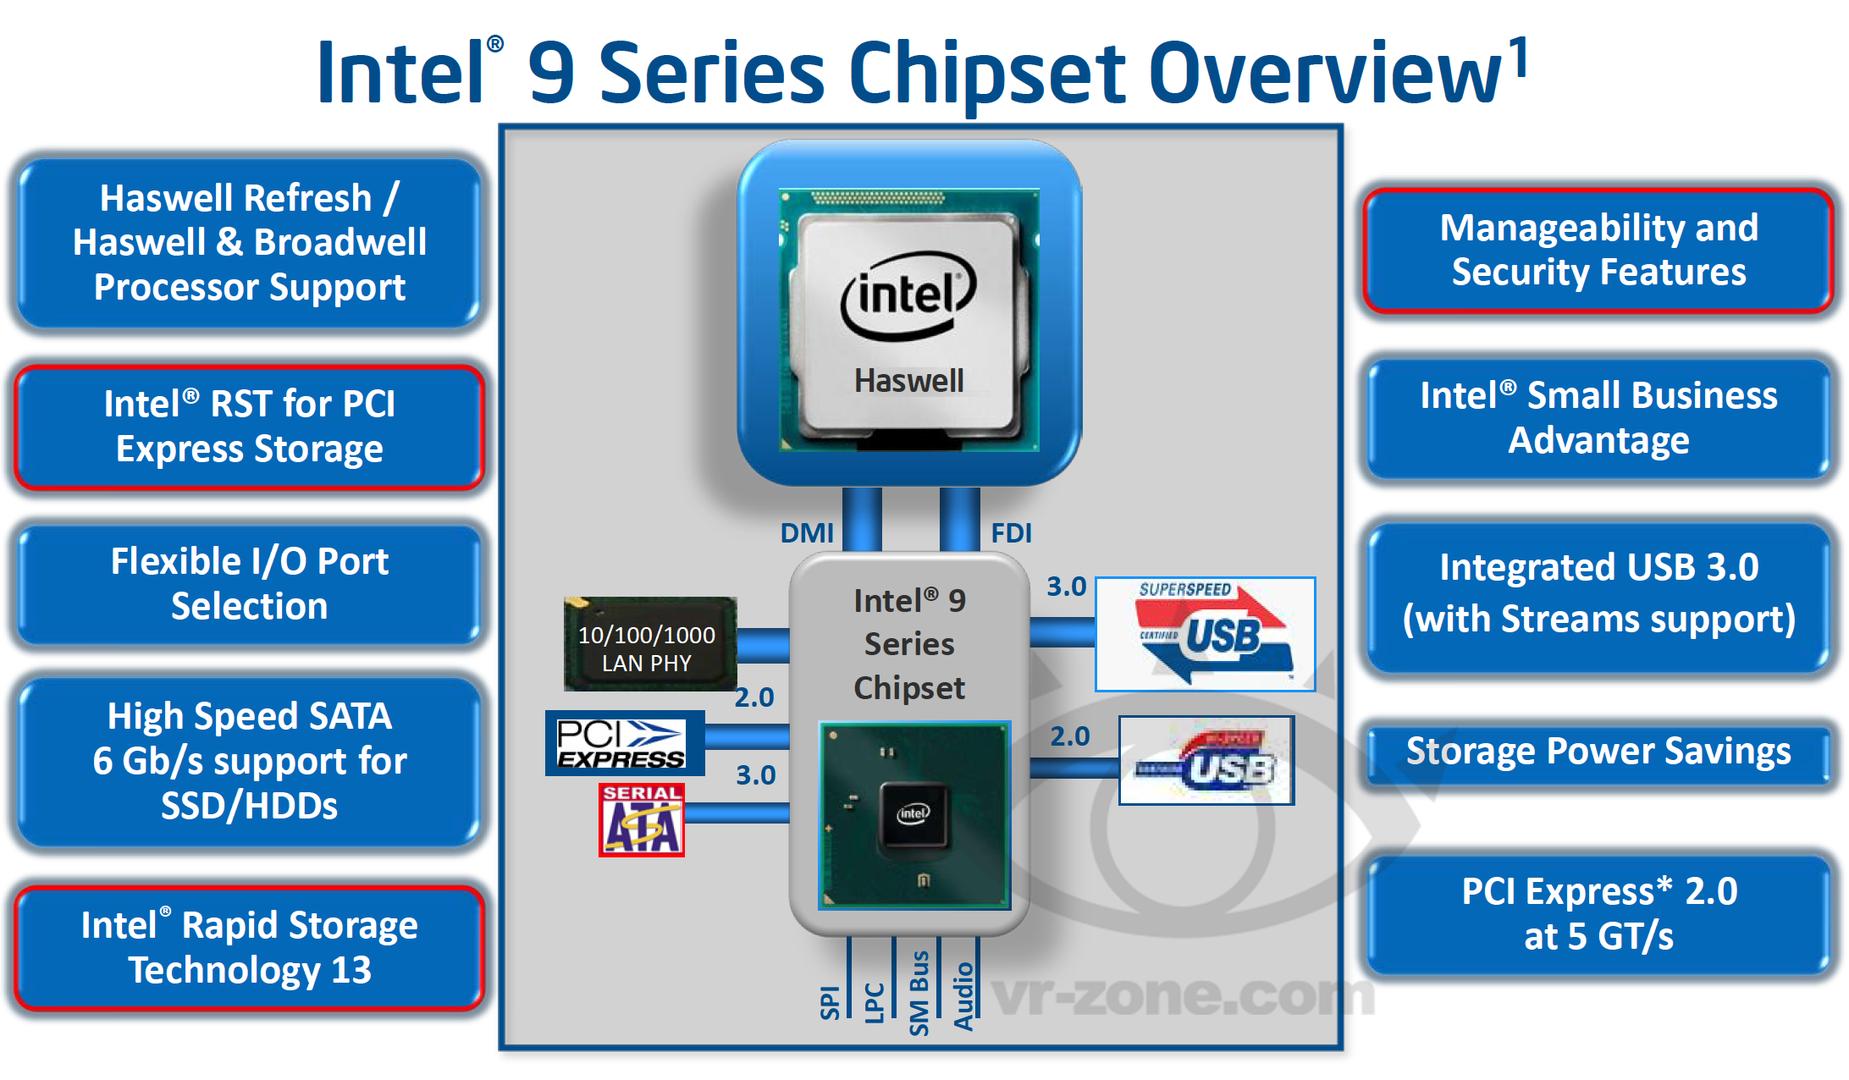 Intels neue 9 Series Chipset